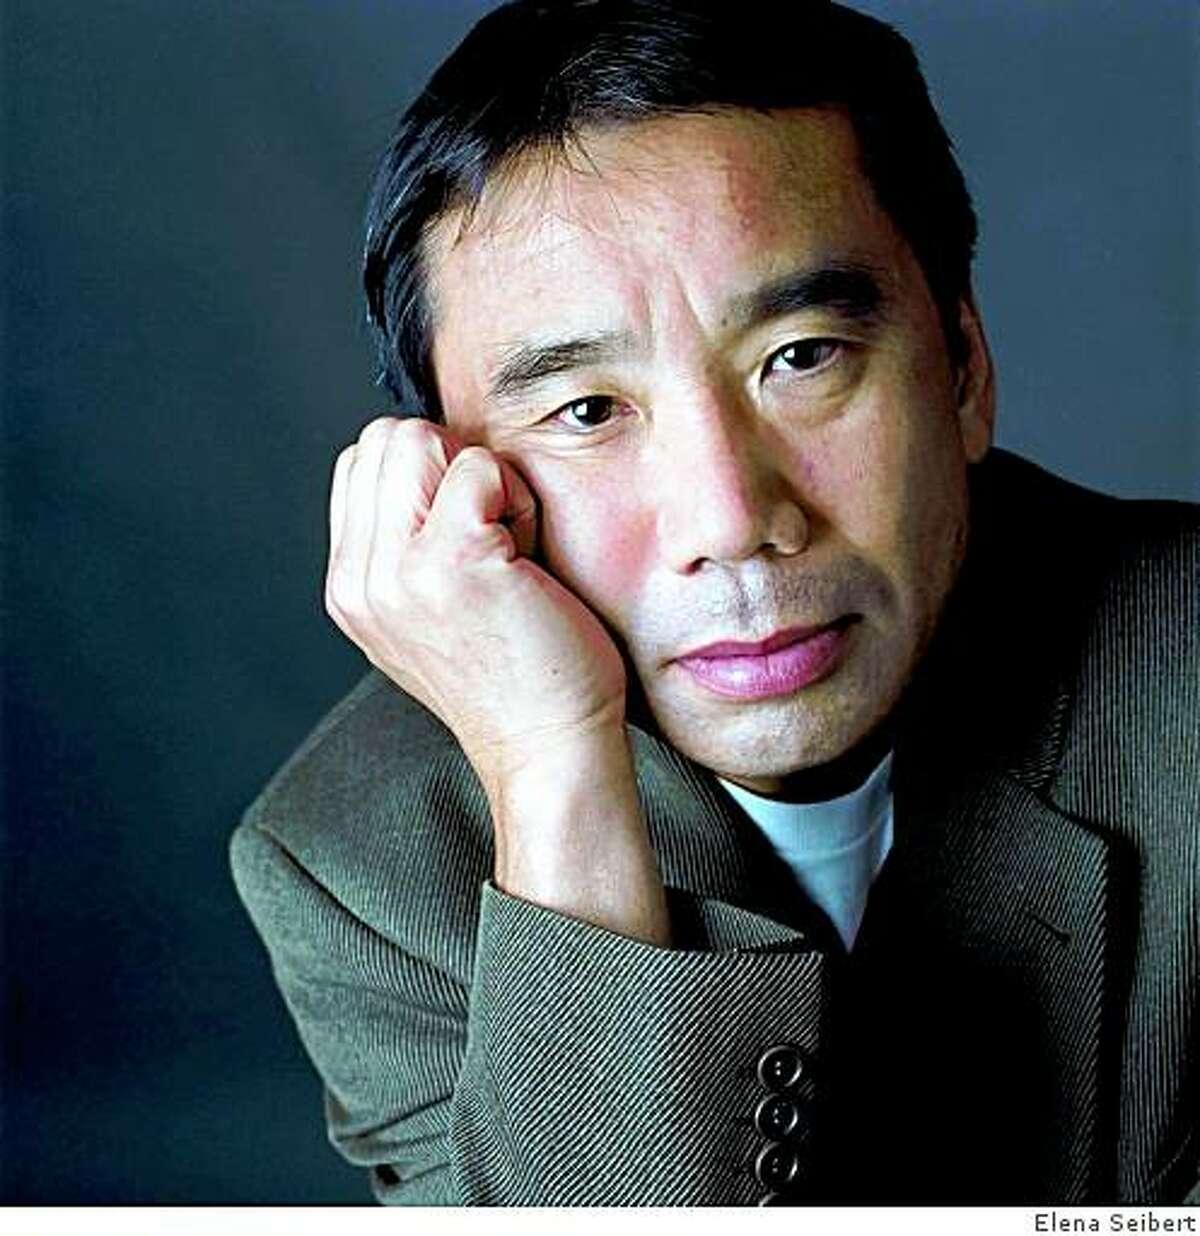 Haruki Murakami, author of